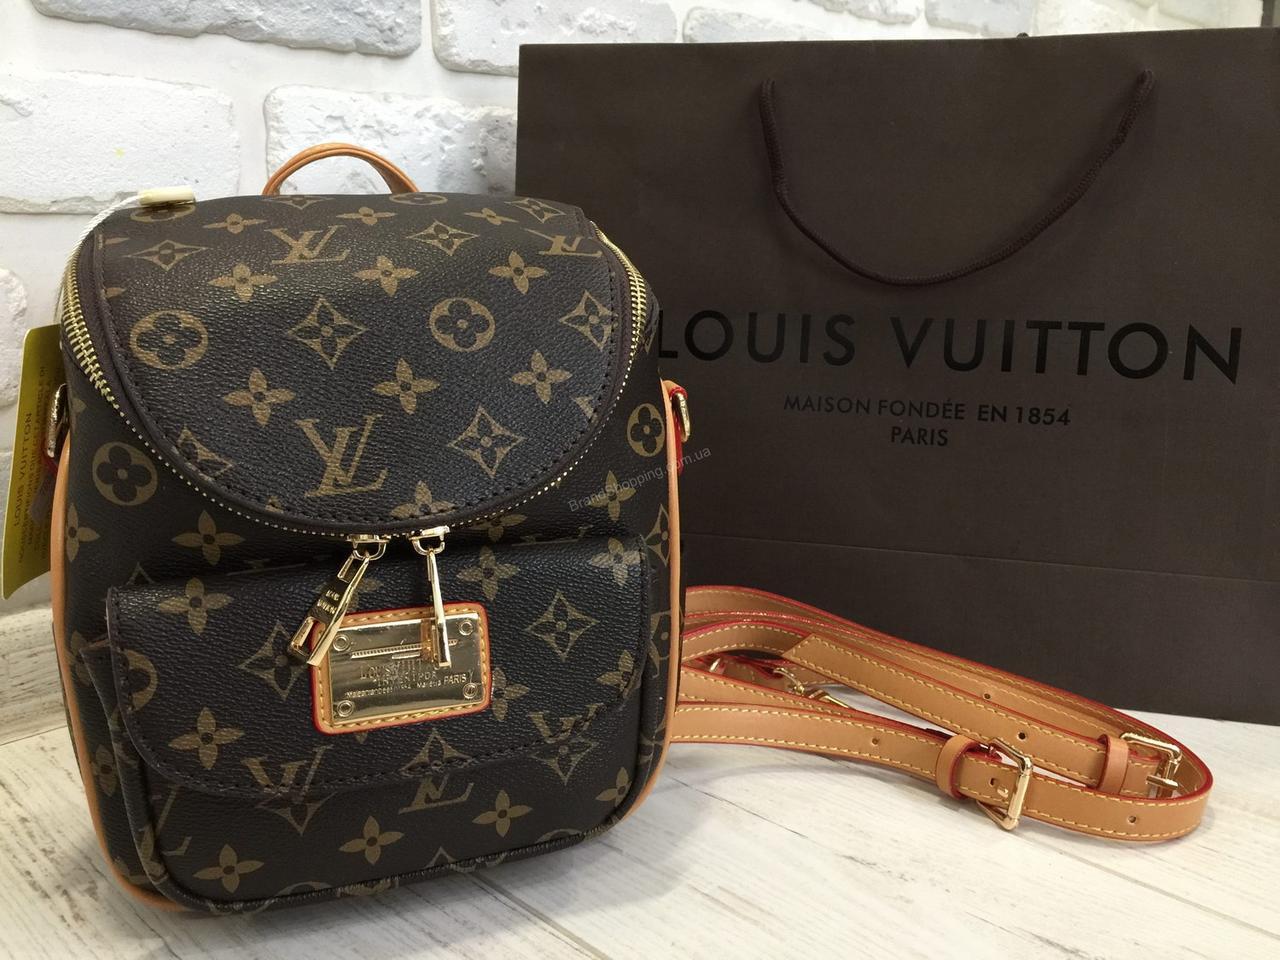 6f267982a7cd Рюкзак Louis Vuitton Lux 0403 - купить по лучшей цене в Украине ...